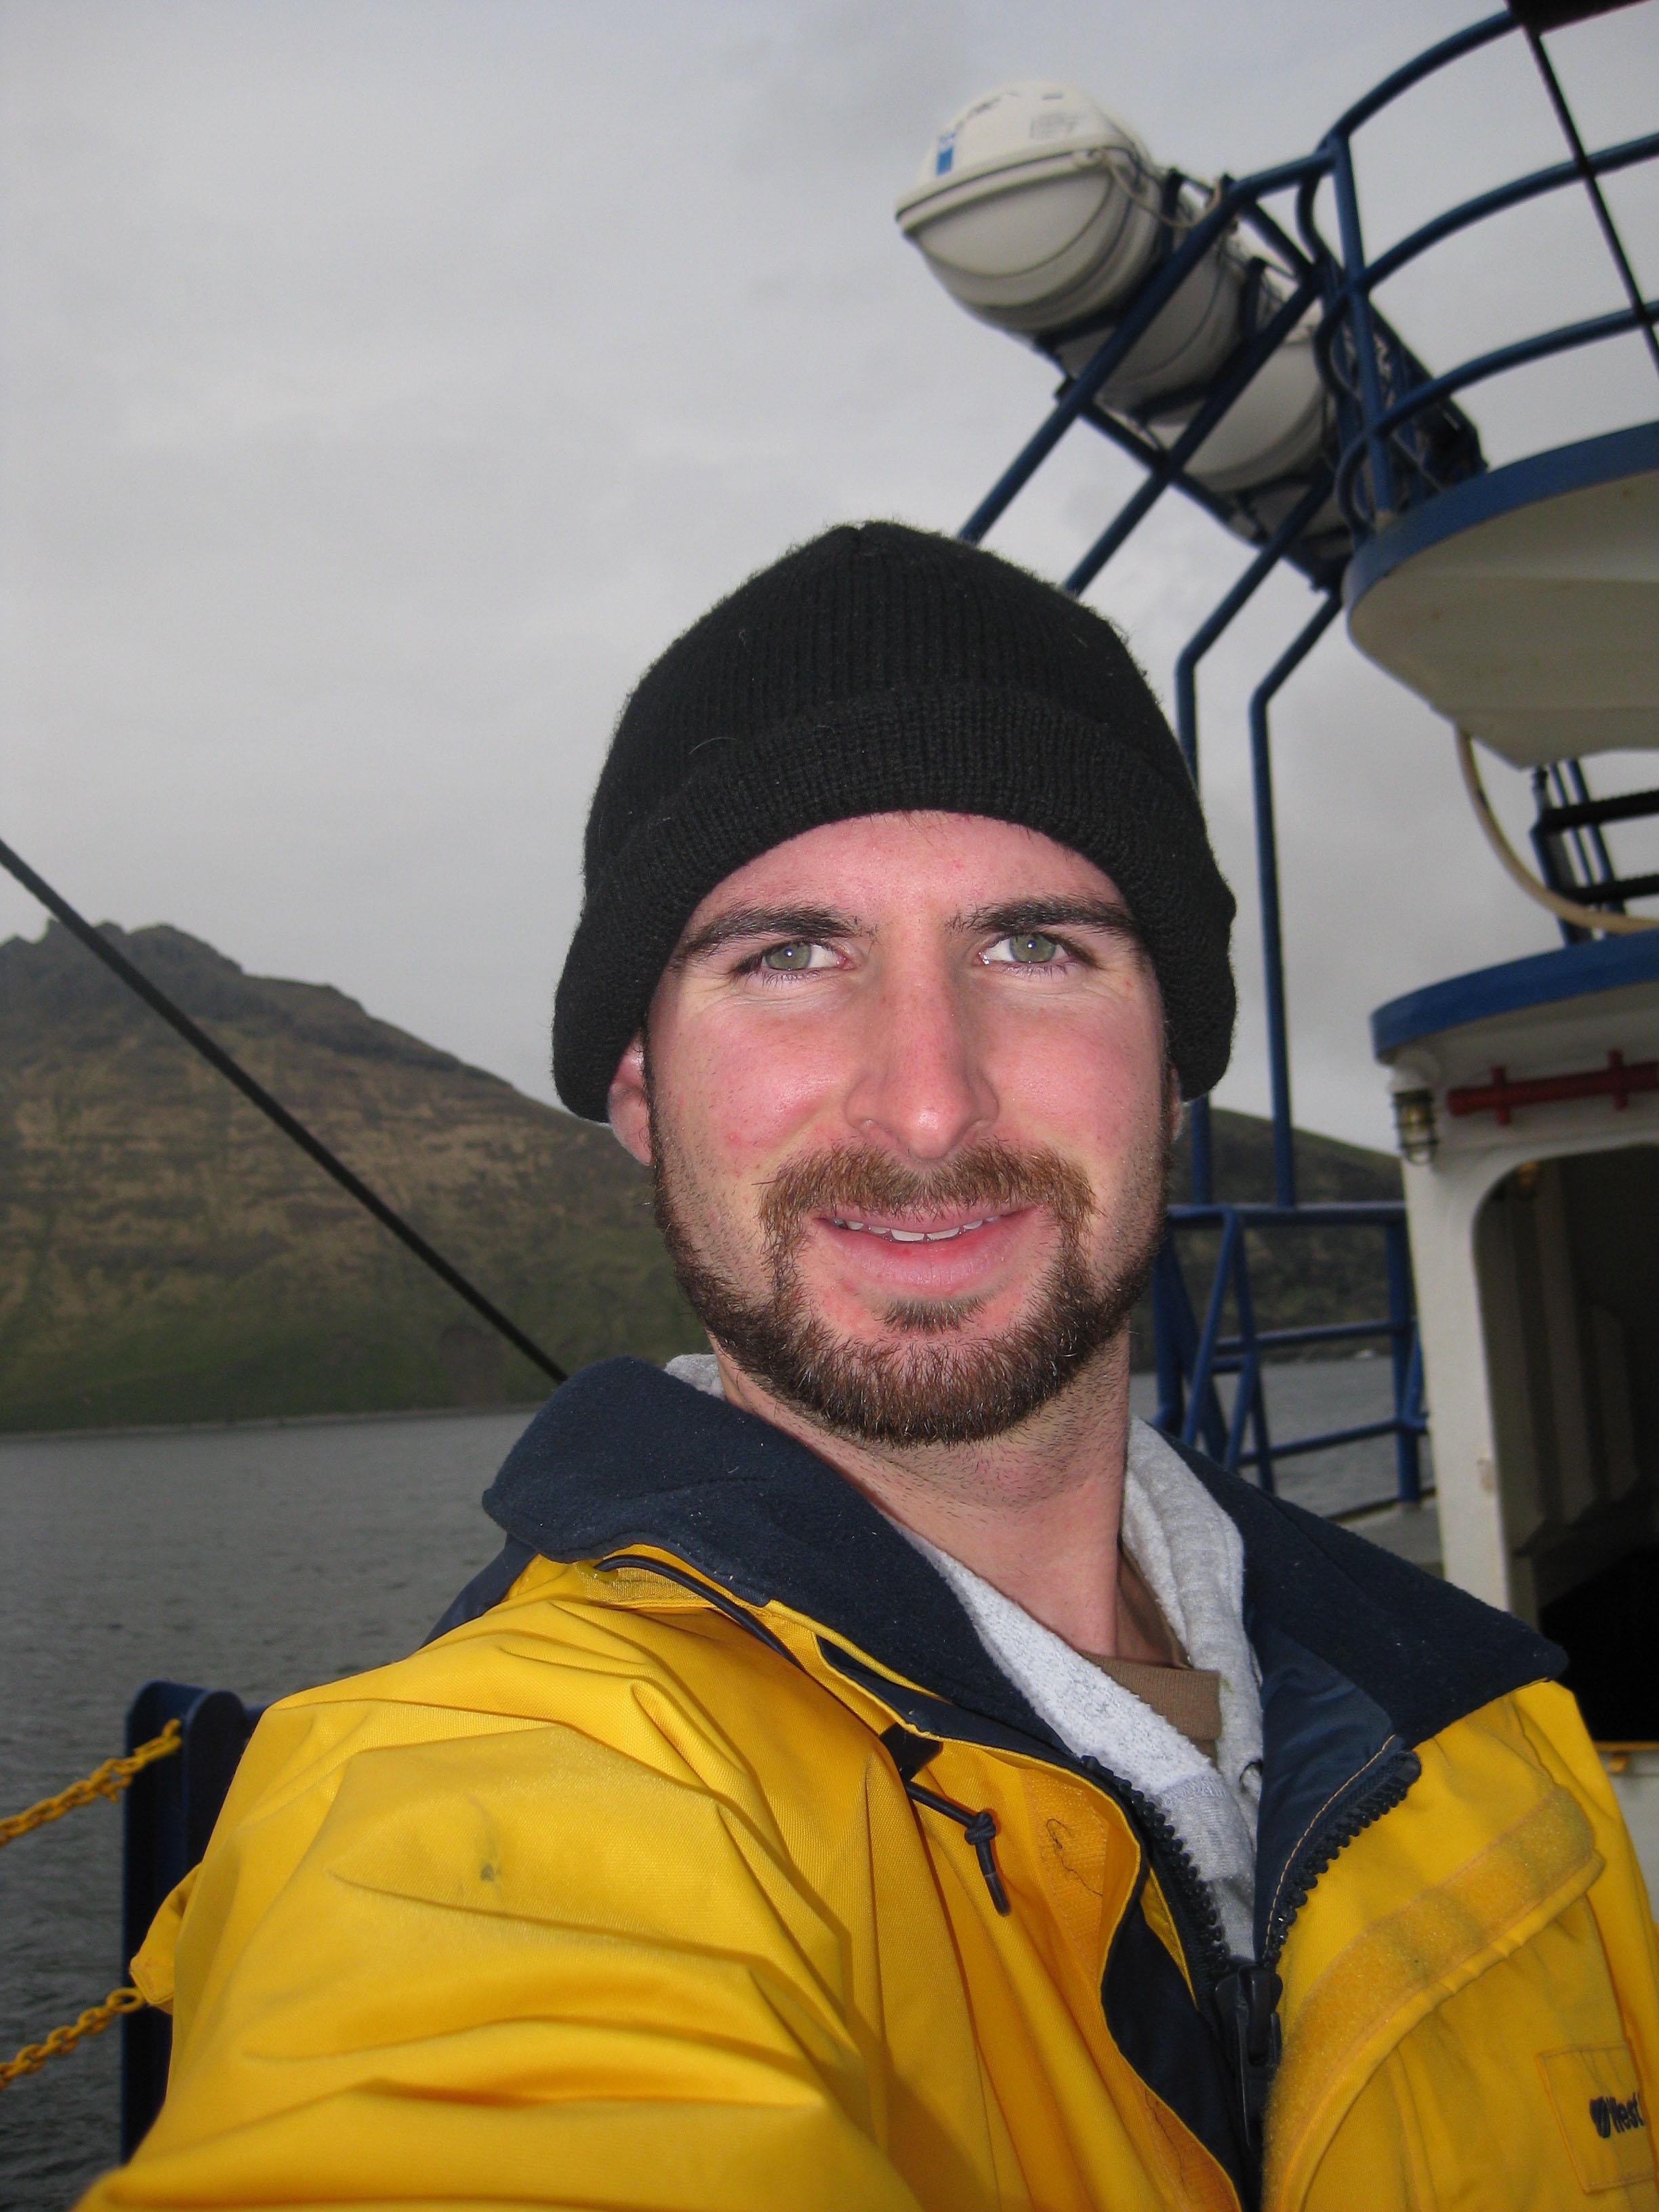 Jason Dorfman